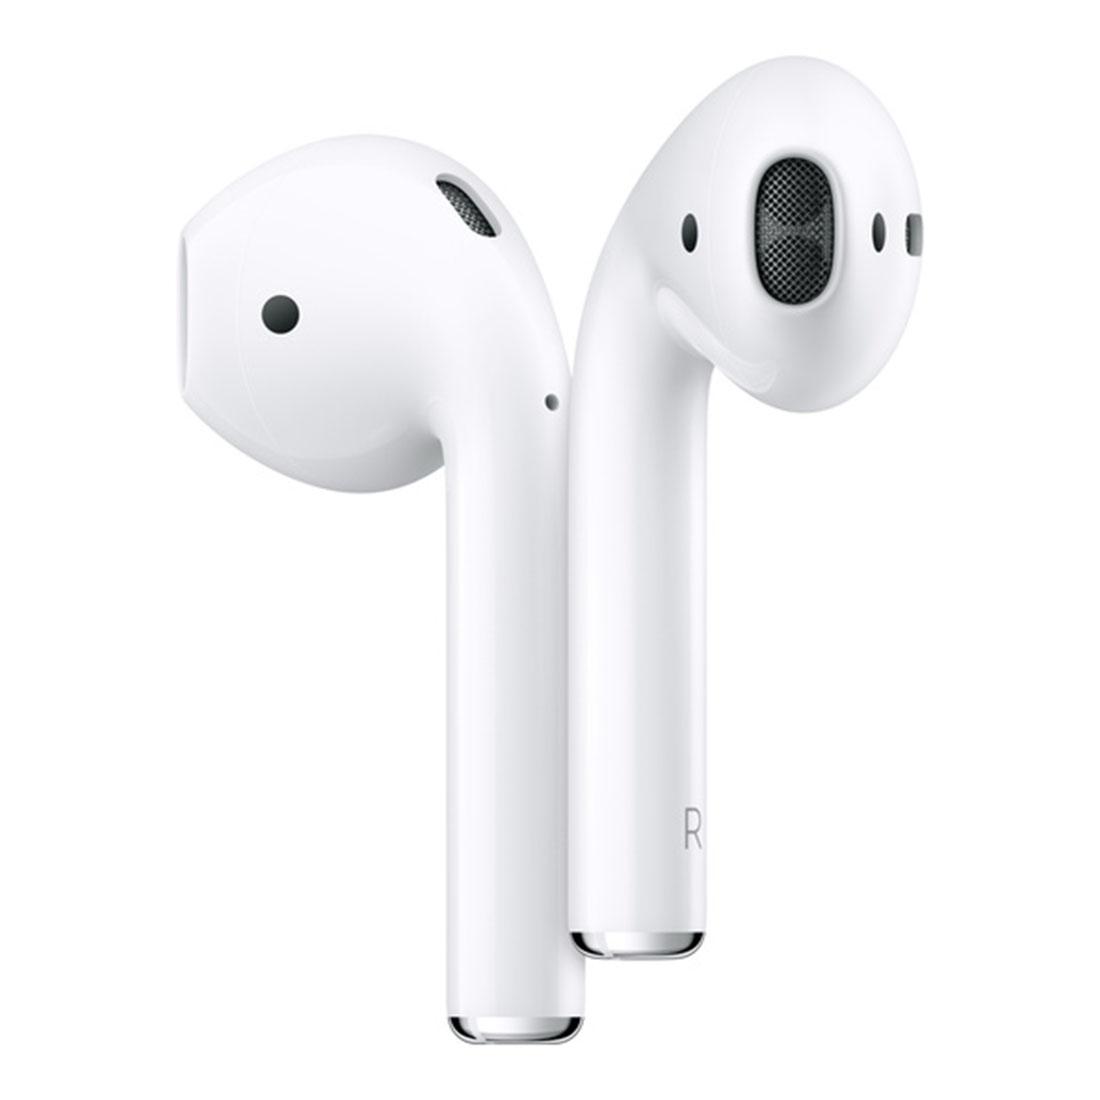 Fone de Ouvido Bluetooth Air Pods MV7N2AM Garantia e NF  - HARS